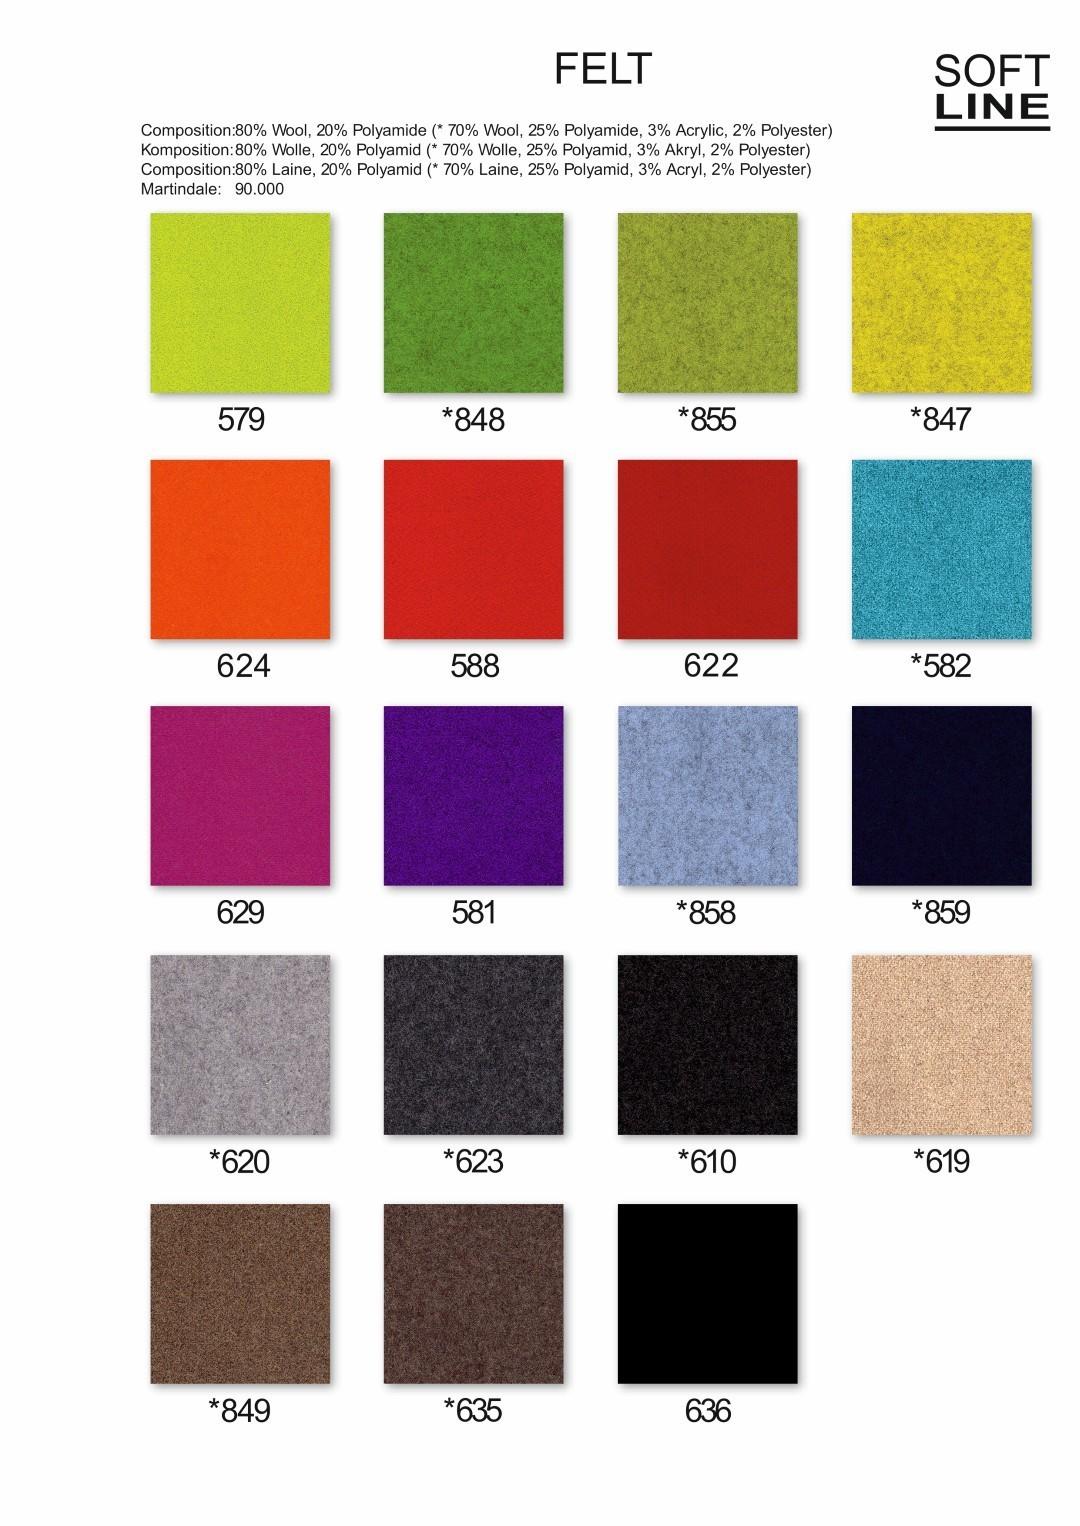 Softline Lotus Design Sofa Modulsofa Teakwoodstore24